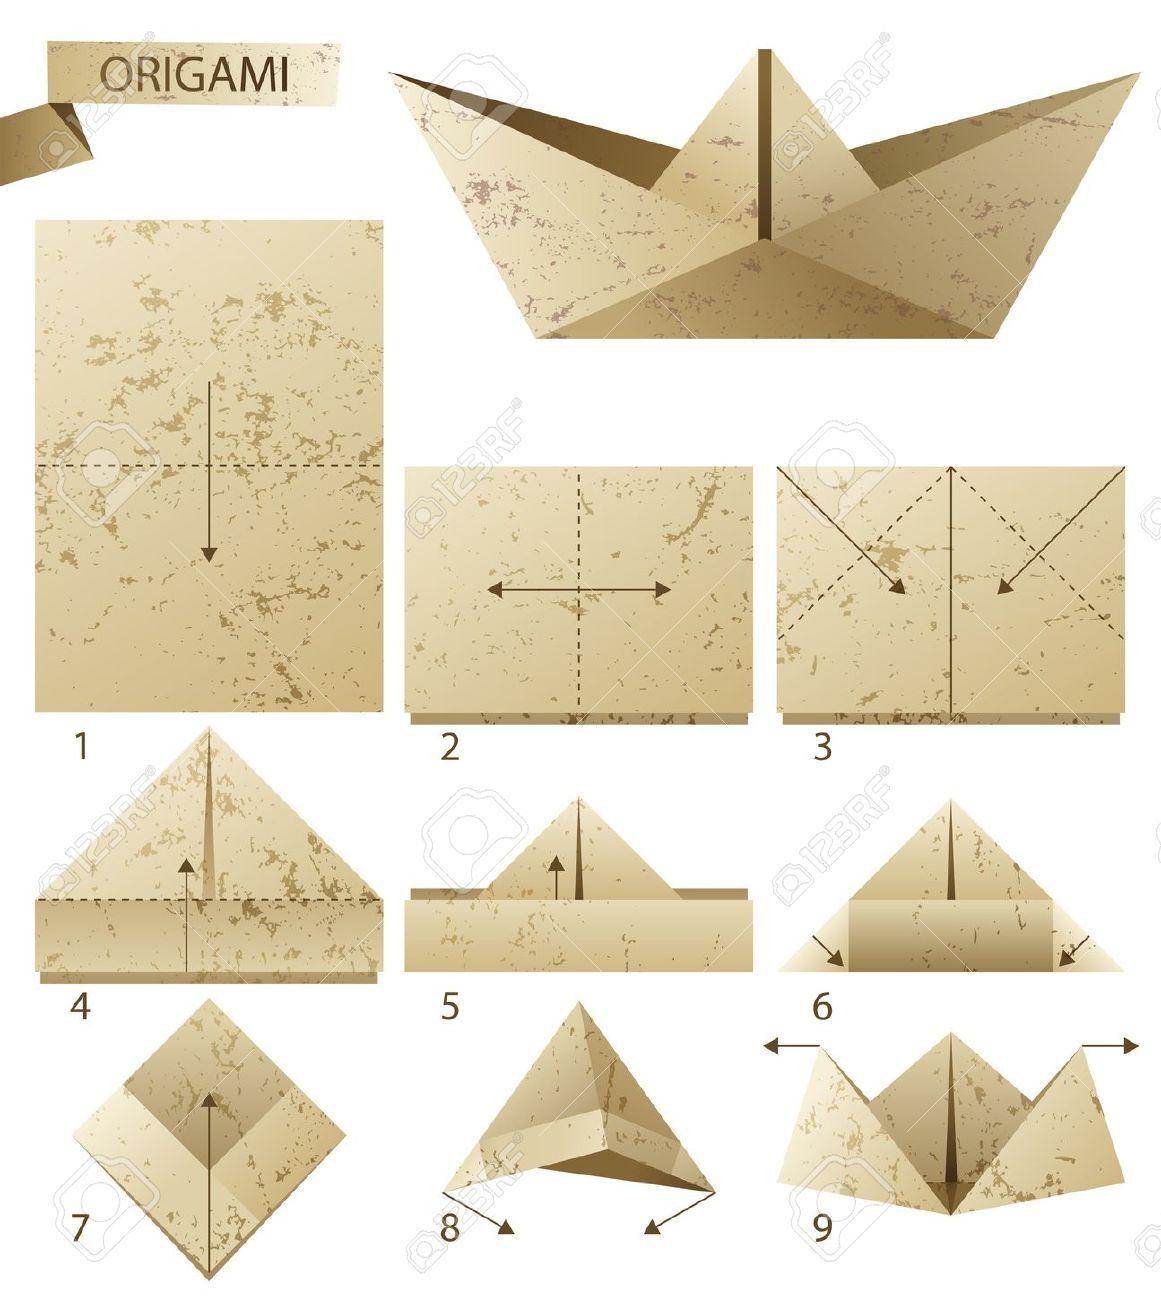 9 pasos de instrucciones de cómo hacer barcos de papel ...